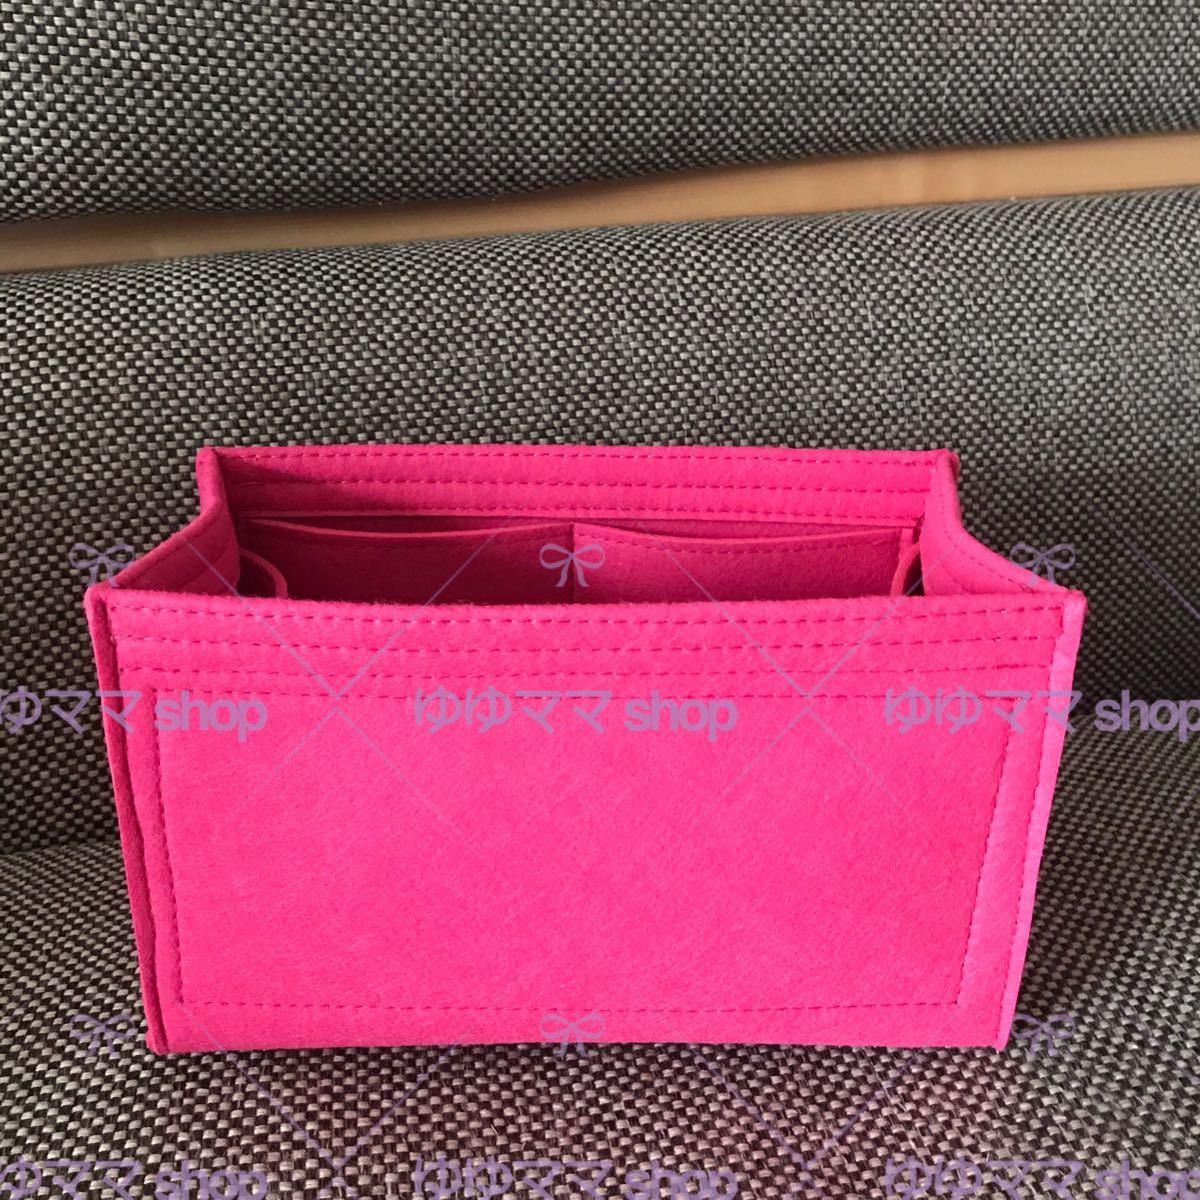 新品バッグインバッグ インナーバッグ 濃いピンク色 25cm用